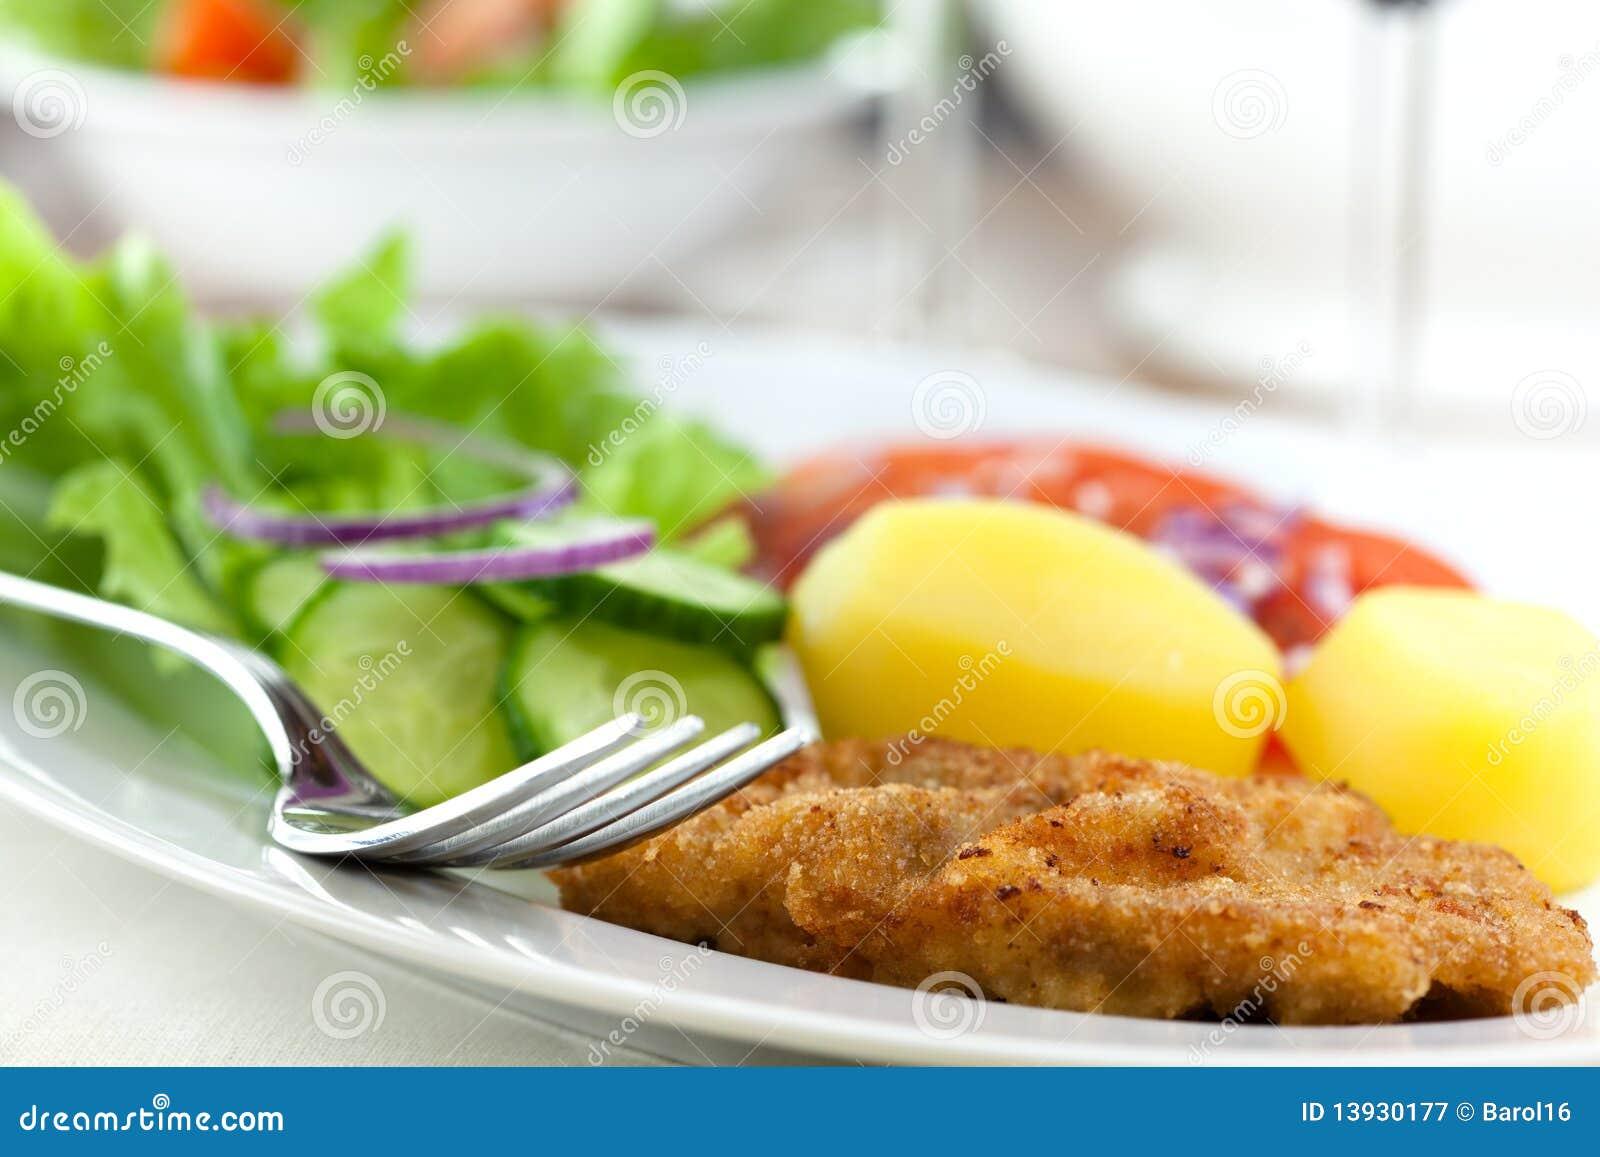 schnitzel mit kartoffeln und salat lizenzfreie stockfotografie bild 13930177. Black Bedroom Furniture Sets. Home Design Ideas